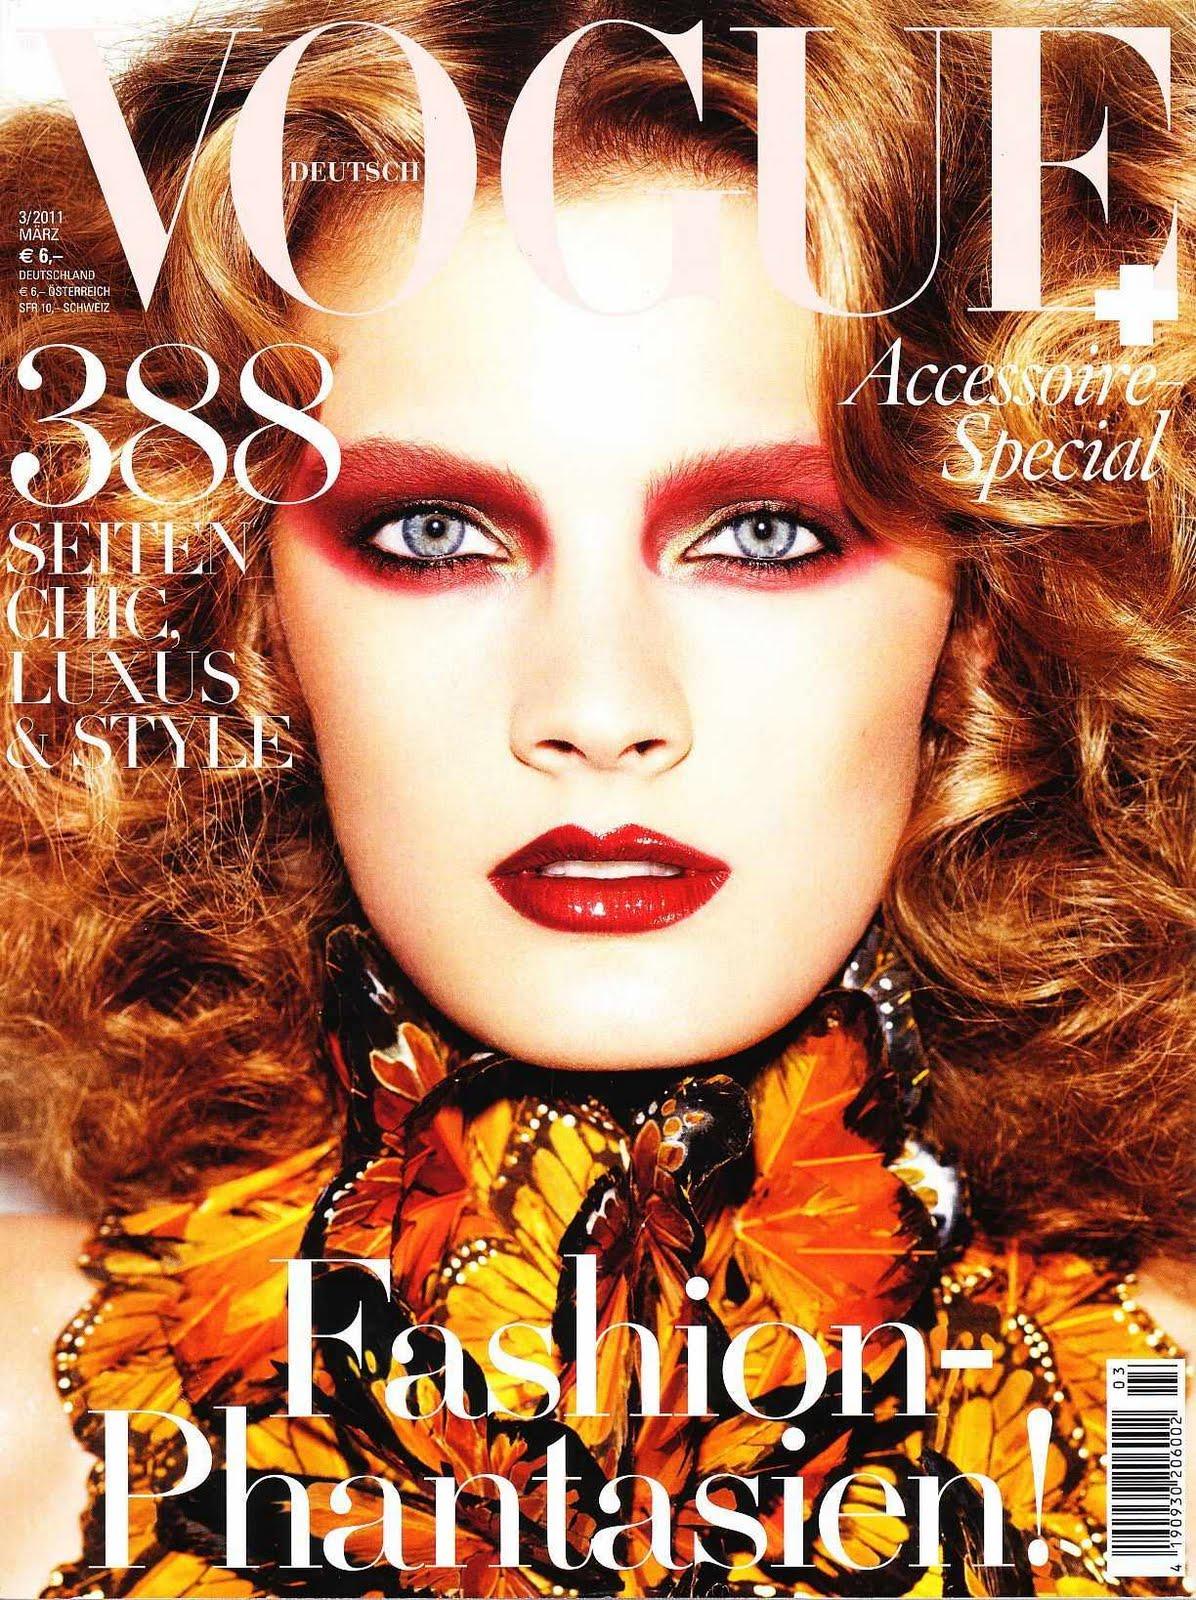 http://1.bp.blogspot.com/-xjthczjhCQ0/TVxLoYBxvwI/AAAAAAAAHA8/glF7VKXuBBk/s1600/Vogue%2BGermany%2B%2528Constance%2BJablonski%2529.jpg